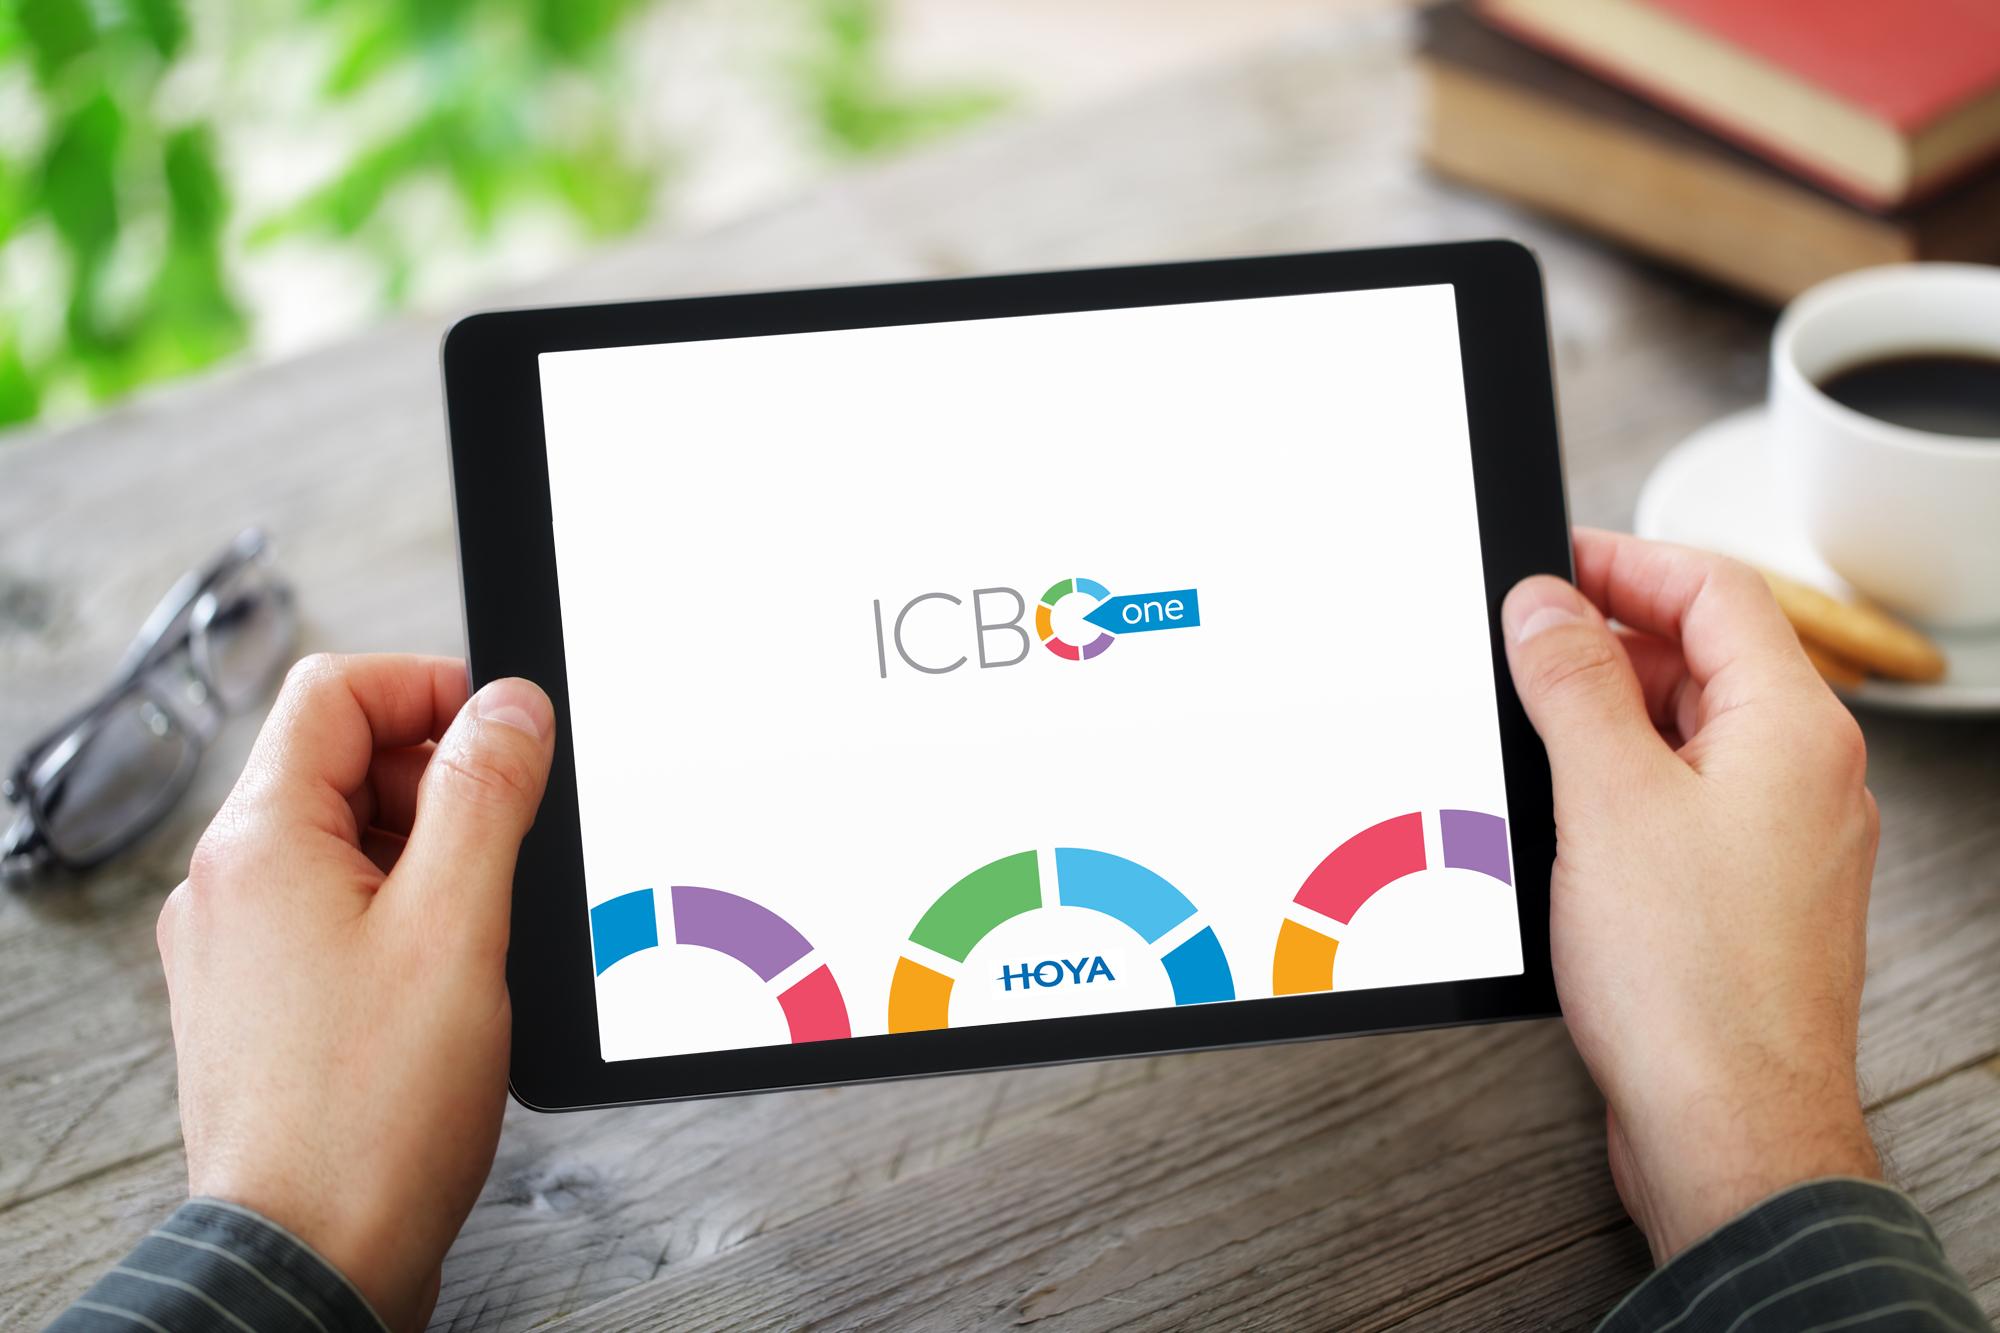 ICBO-One App - per una migliore comunicazione e scambio di informazioni.